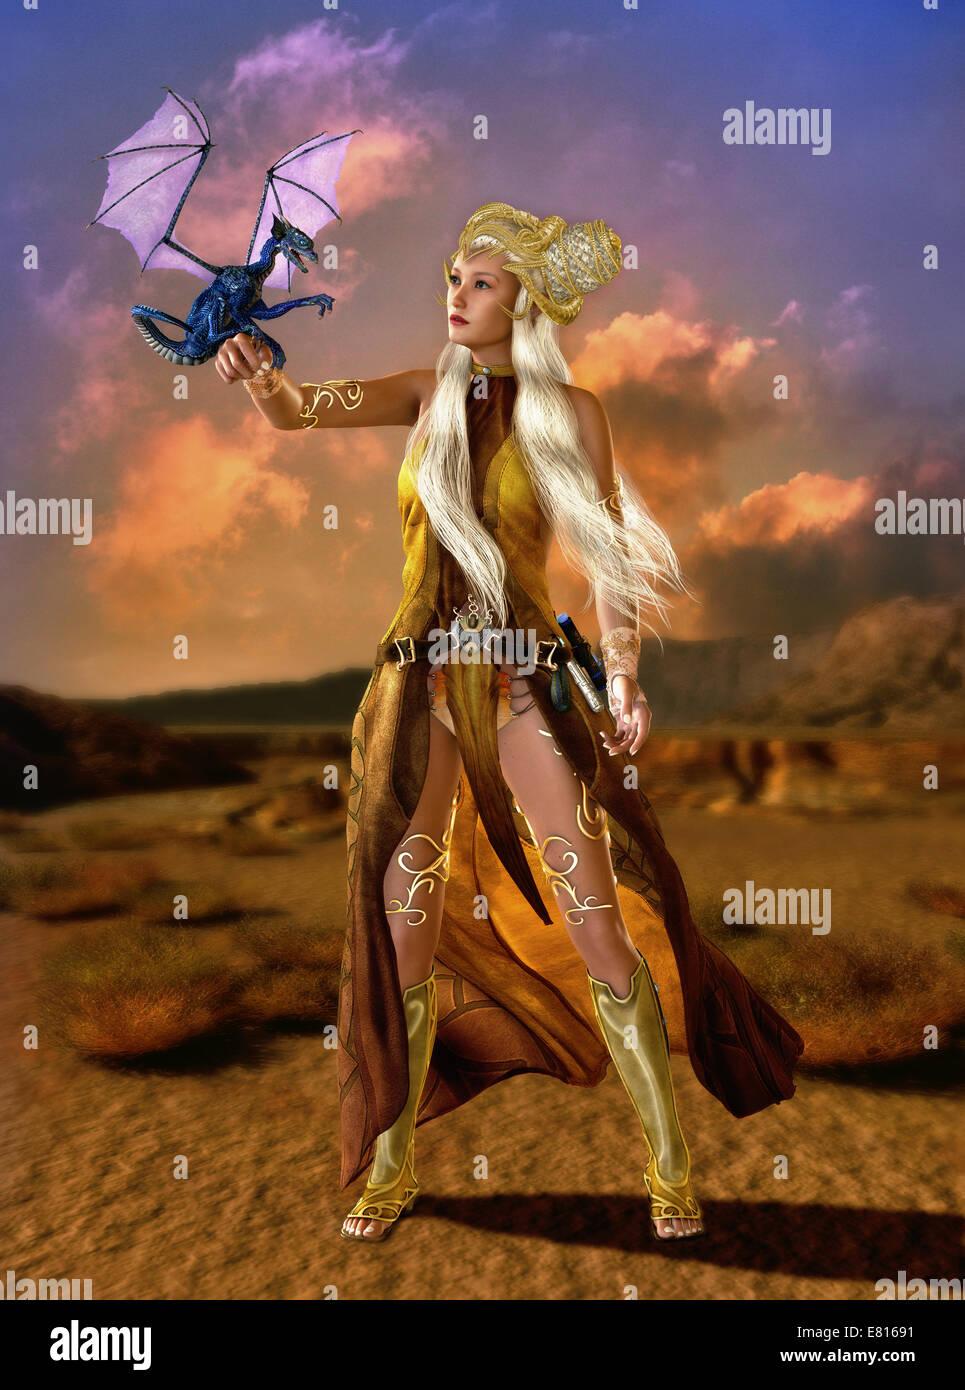 Lady con fantasia i capelli e vestiti di fantasia con un drago cub sul braccio Immagini Stock